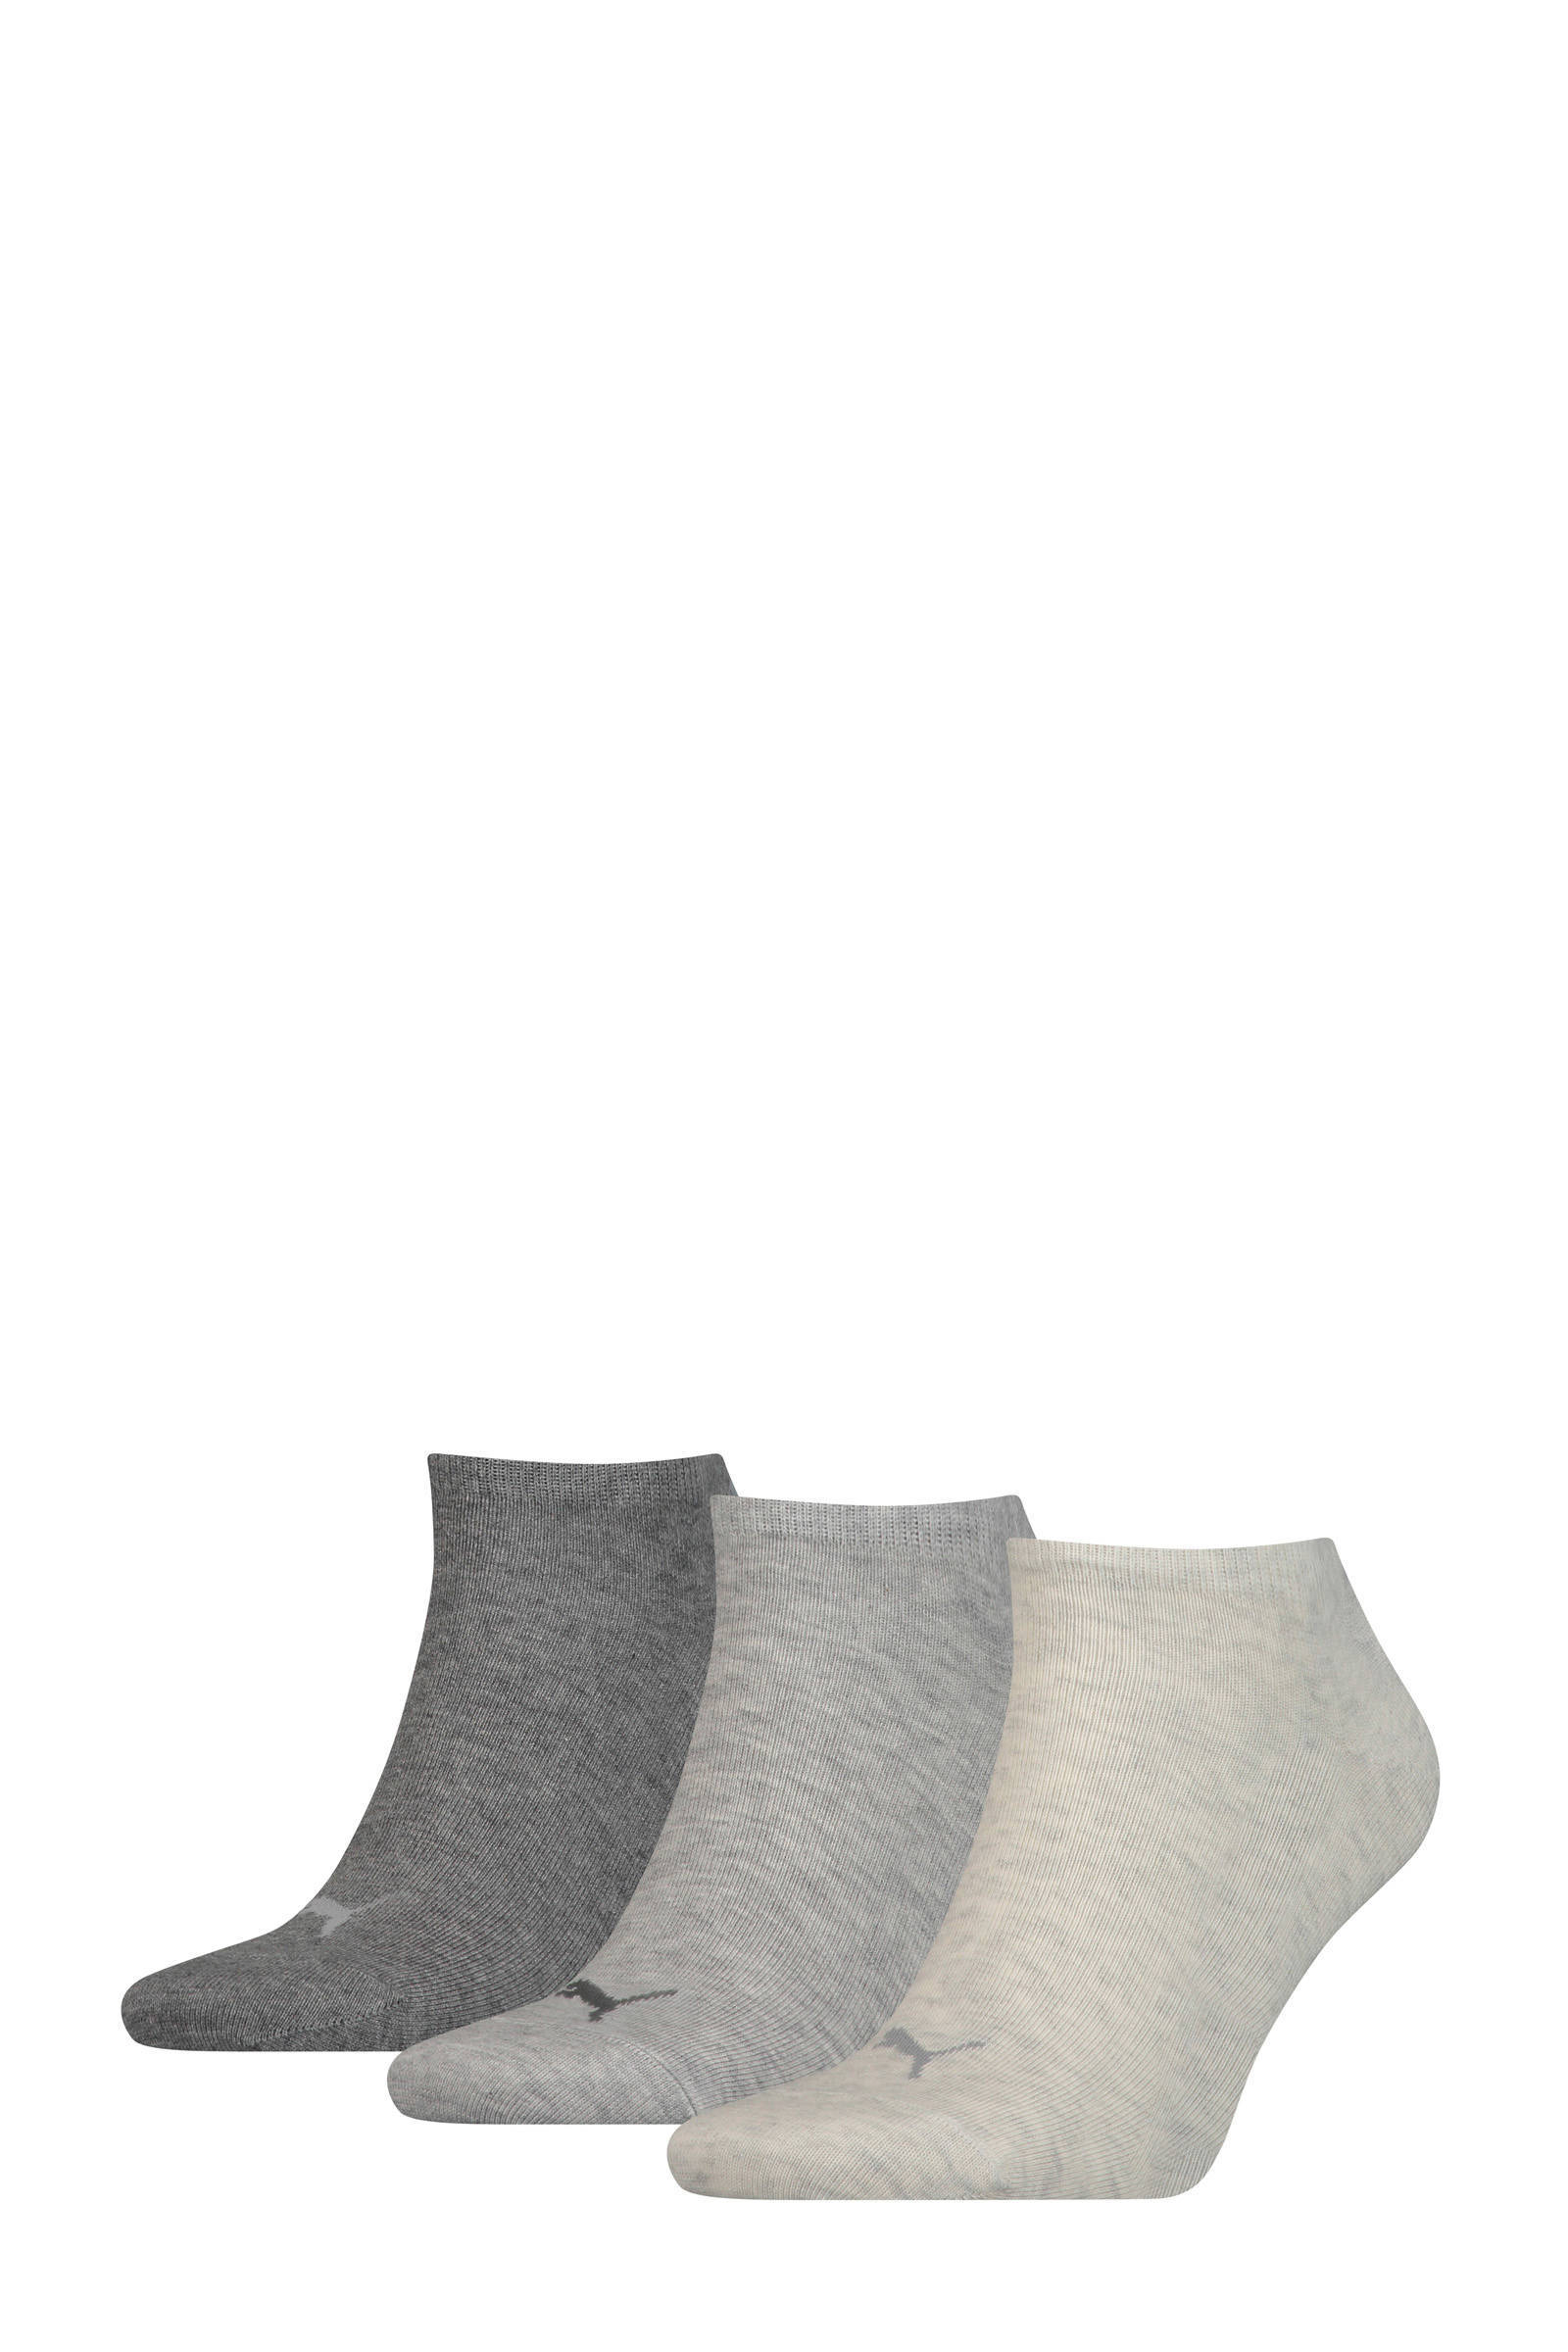 sneakersokken Plain set van 3 paar grijs